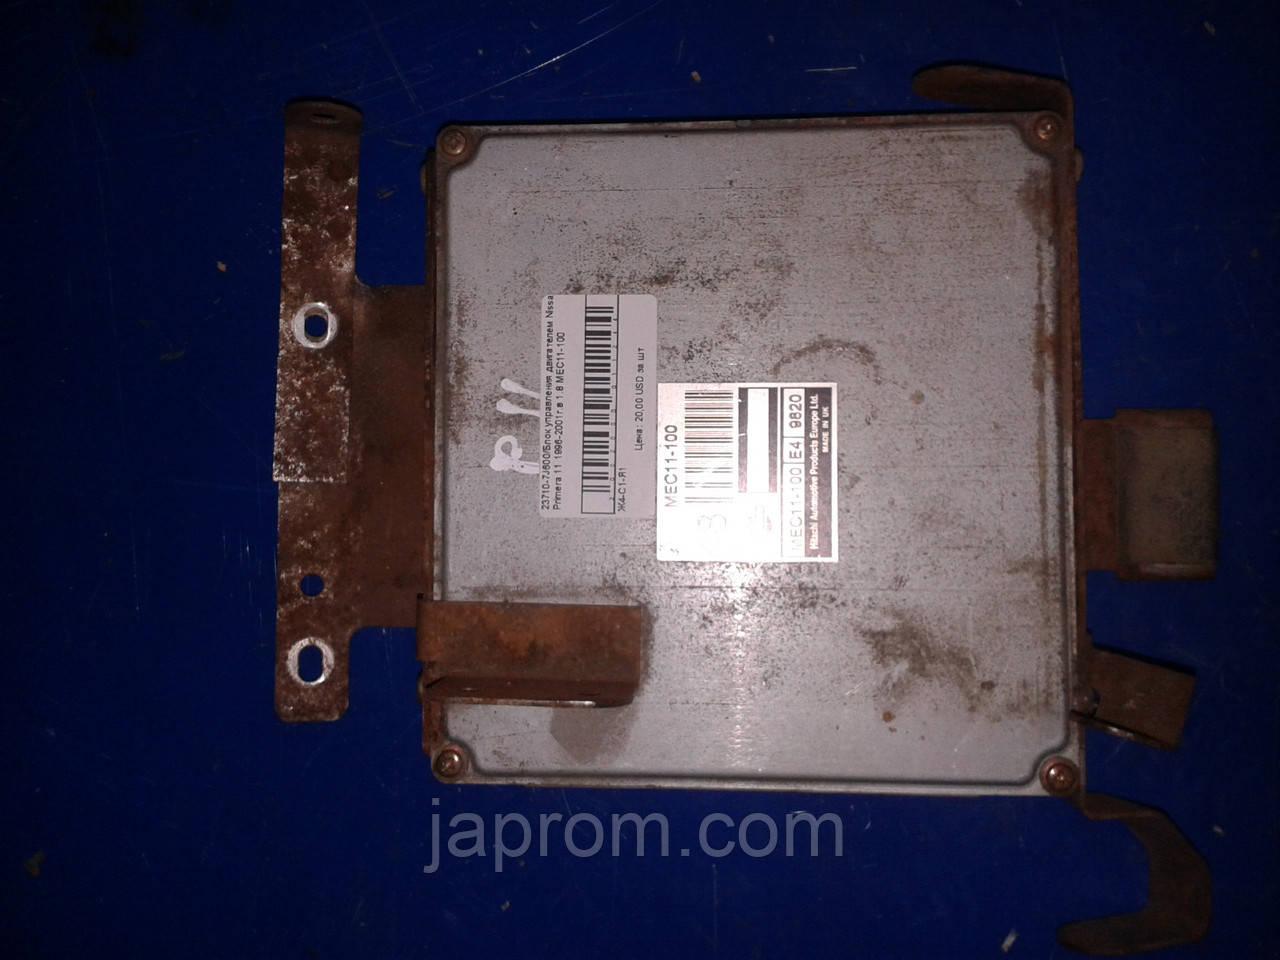 Блок управления двигателем Nissan Primera 11 1996-2001г.в 1.8 MEC11-100